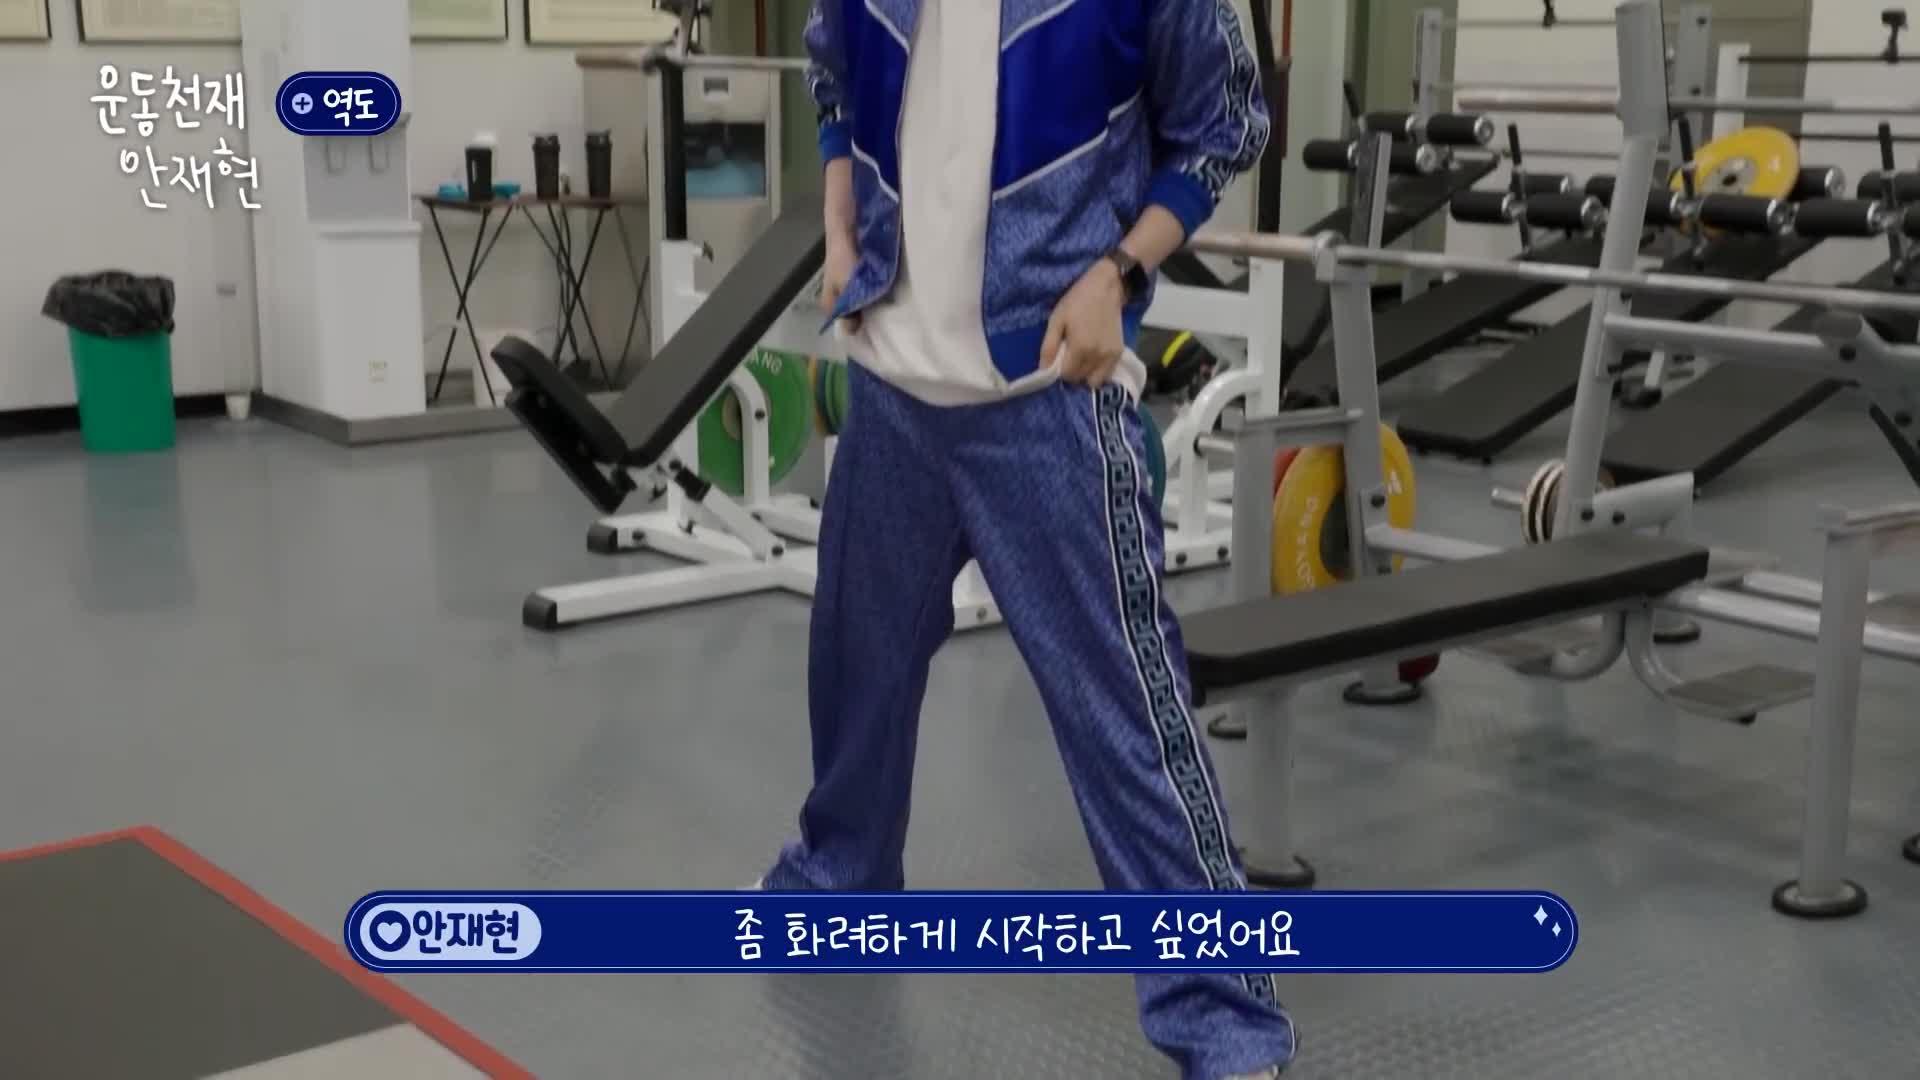 Athletic Genius Ahn Jae Hyun (2021)